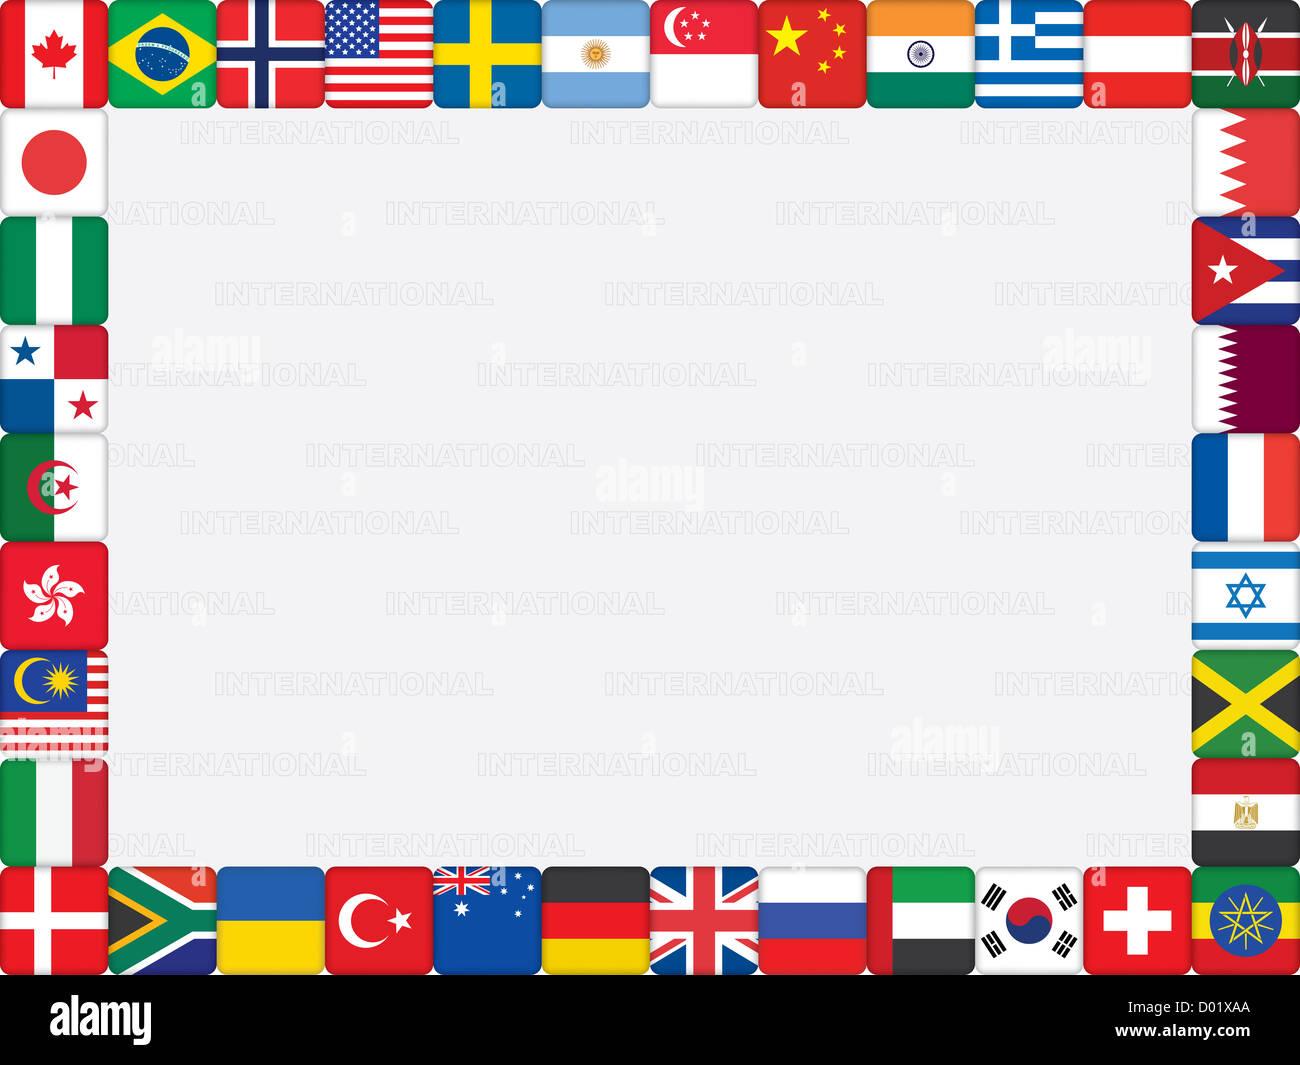 Austria Flag Icons Stockfotos & Austria Flag Icons Bilder - Alamy